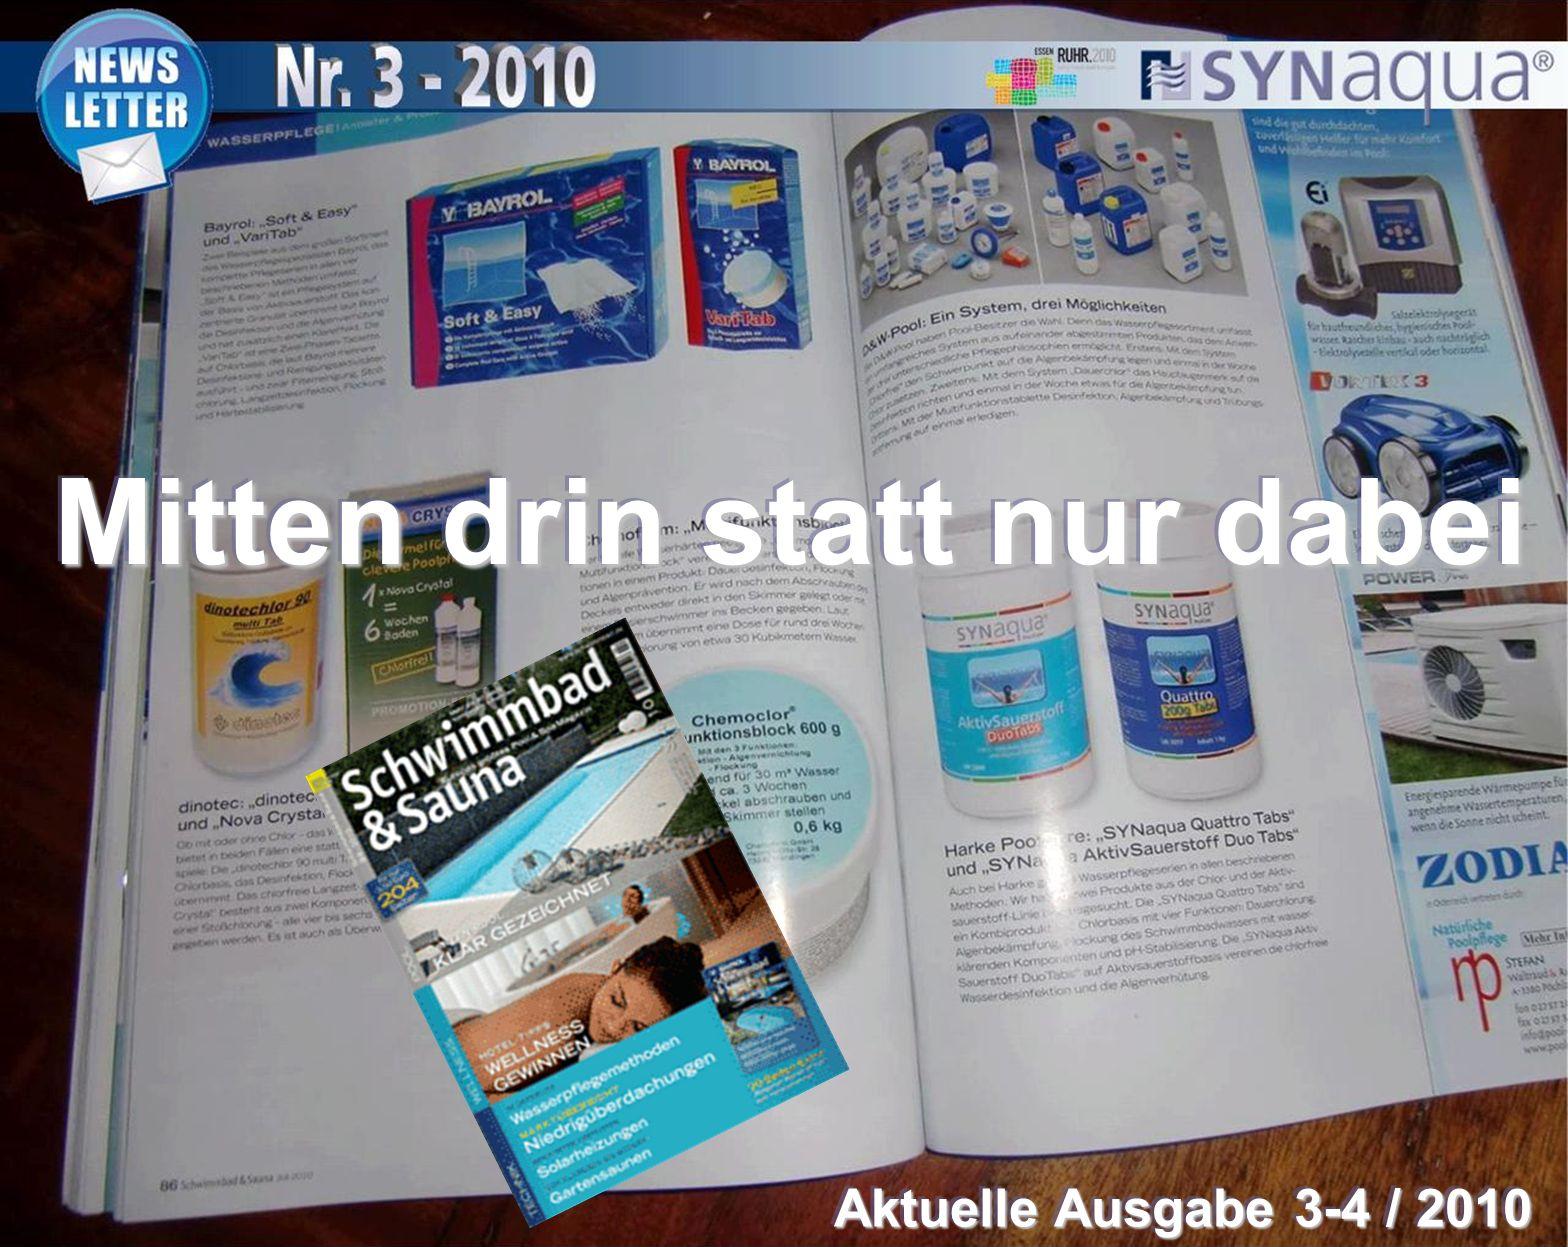 Mitten drin statt nur dabei Aktuelle Ausgabe 3-4 / 2010